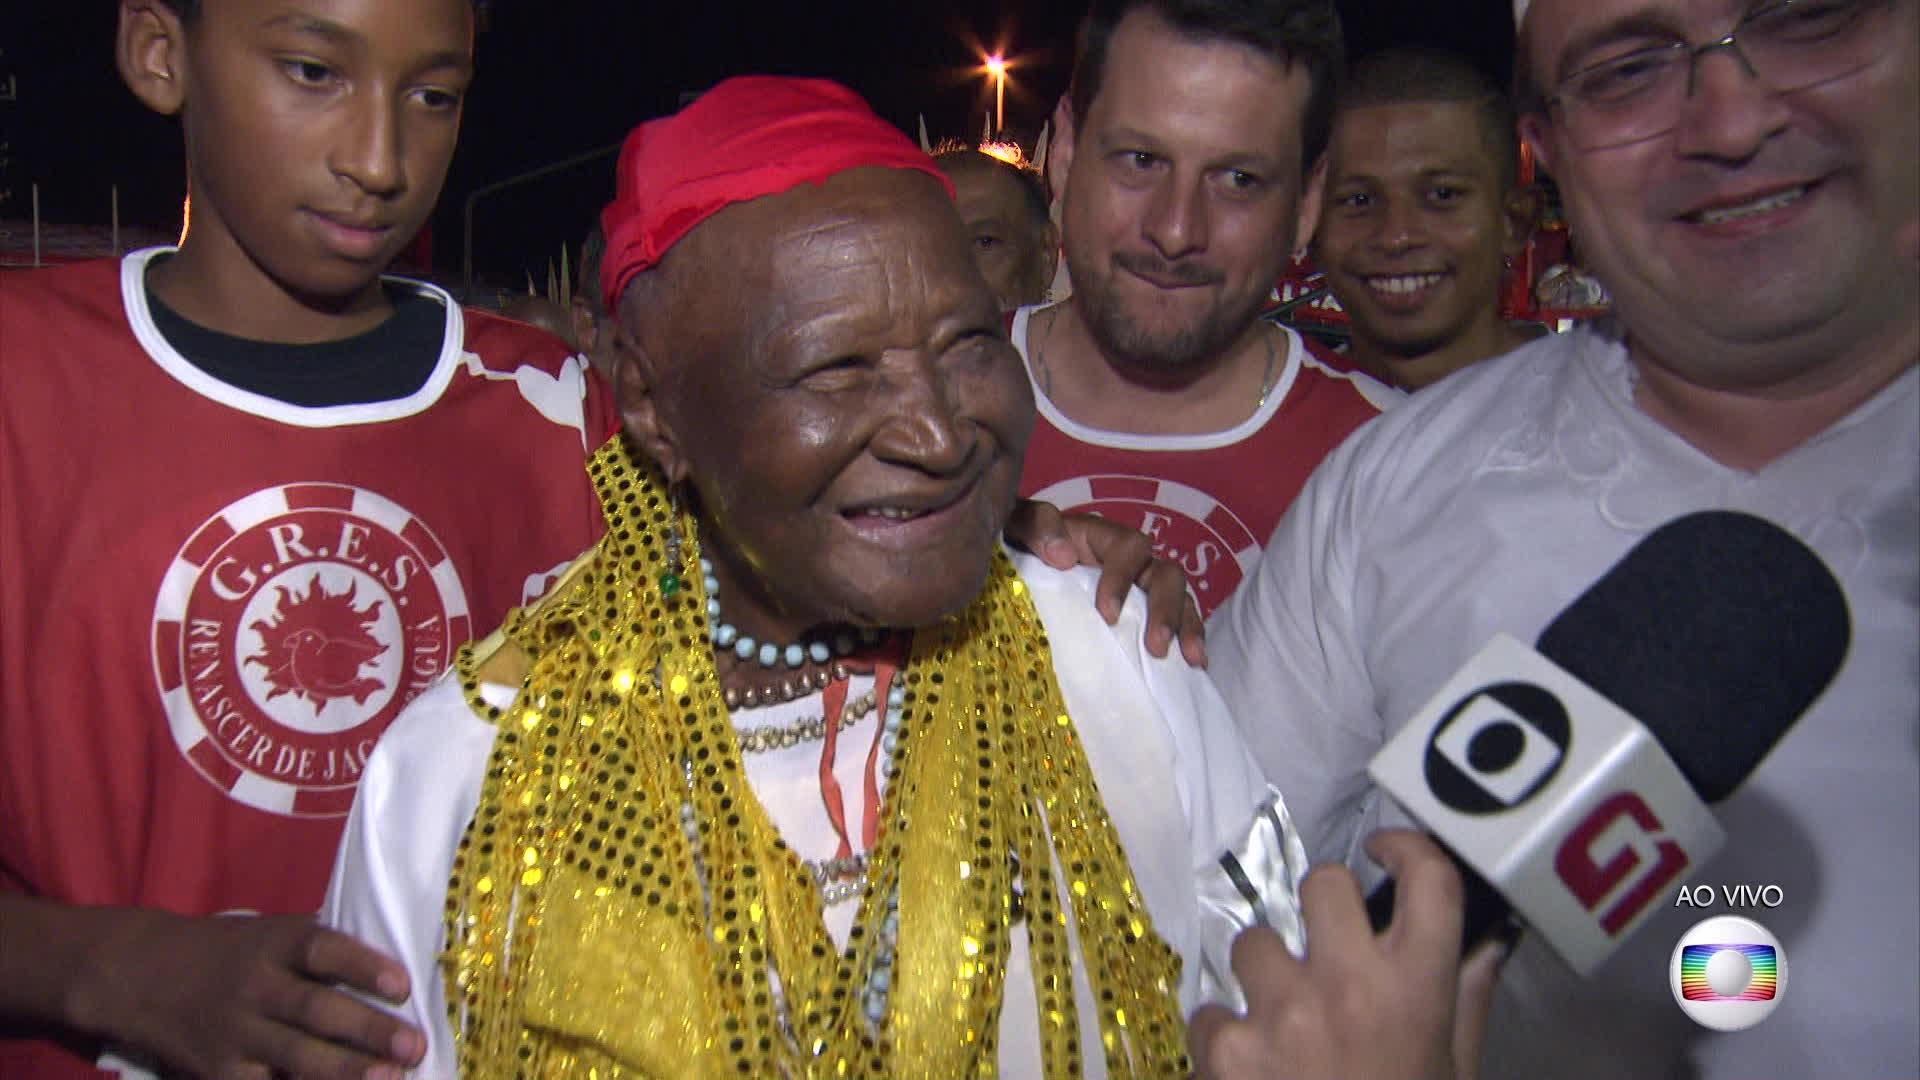 Rezadeira de 96 anos se emociona na Sapucaí e já pensa em voltar no ano que vem: 'Quem sabe'